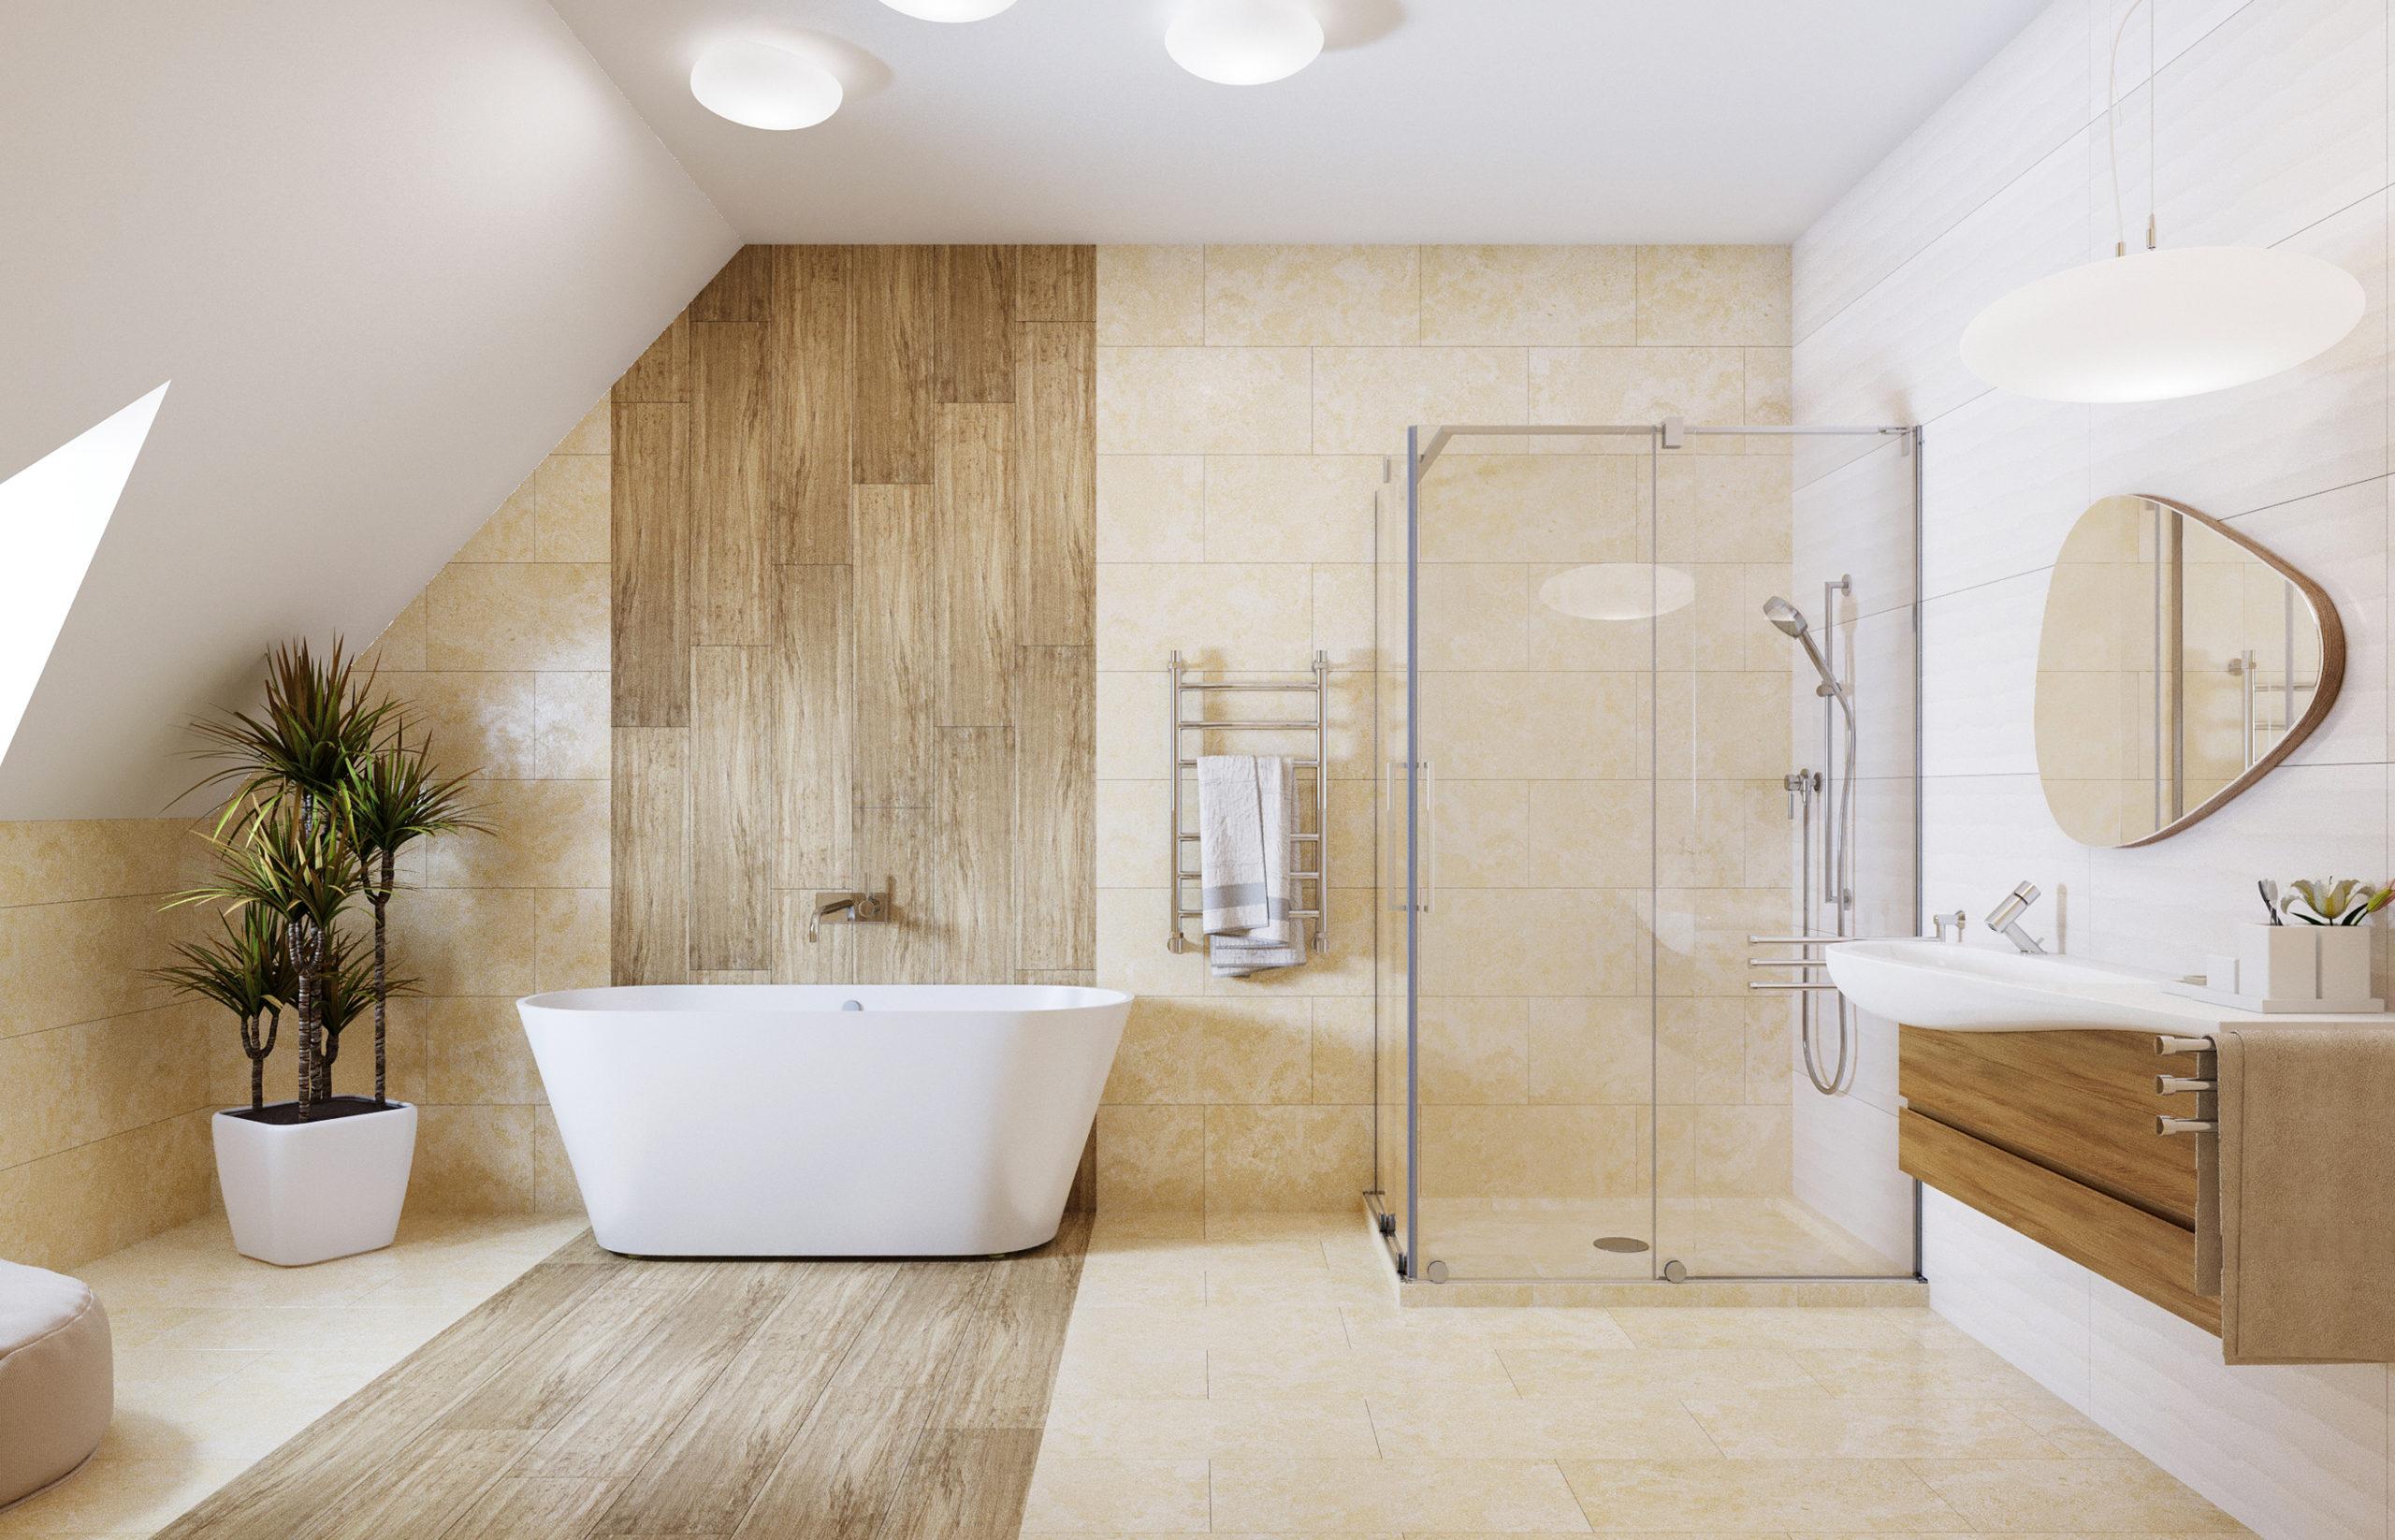 Дизайн интерьера ванной комнаты в мансардном помещении